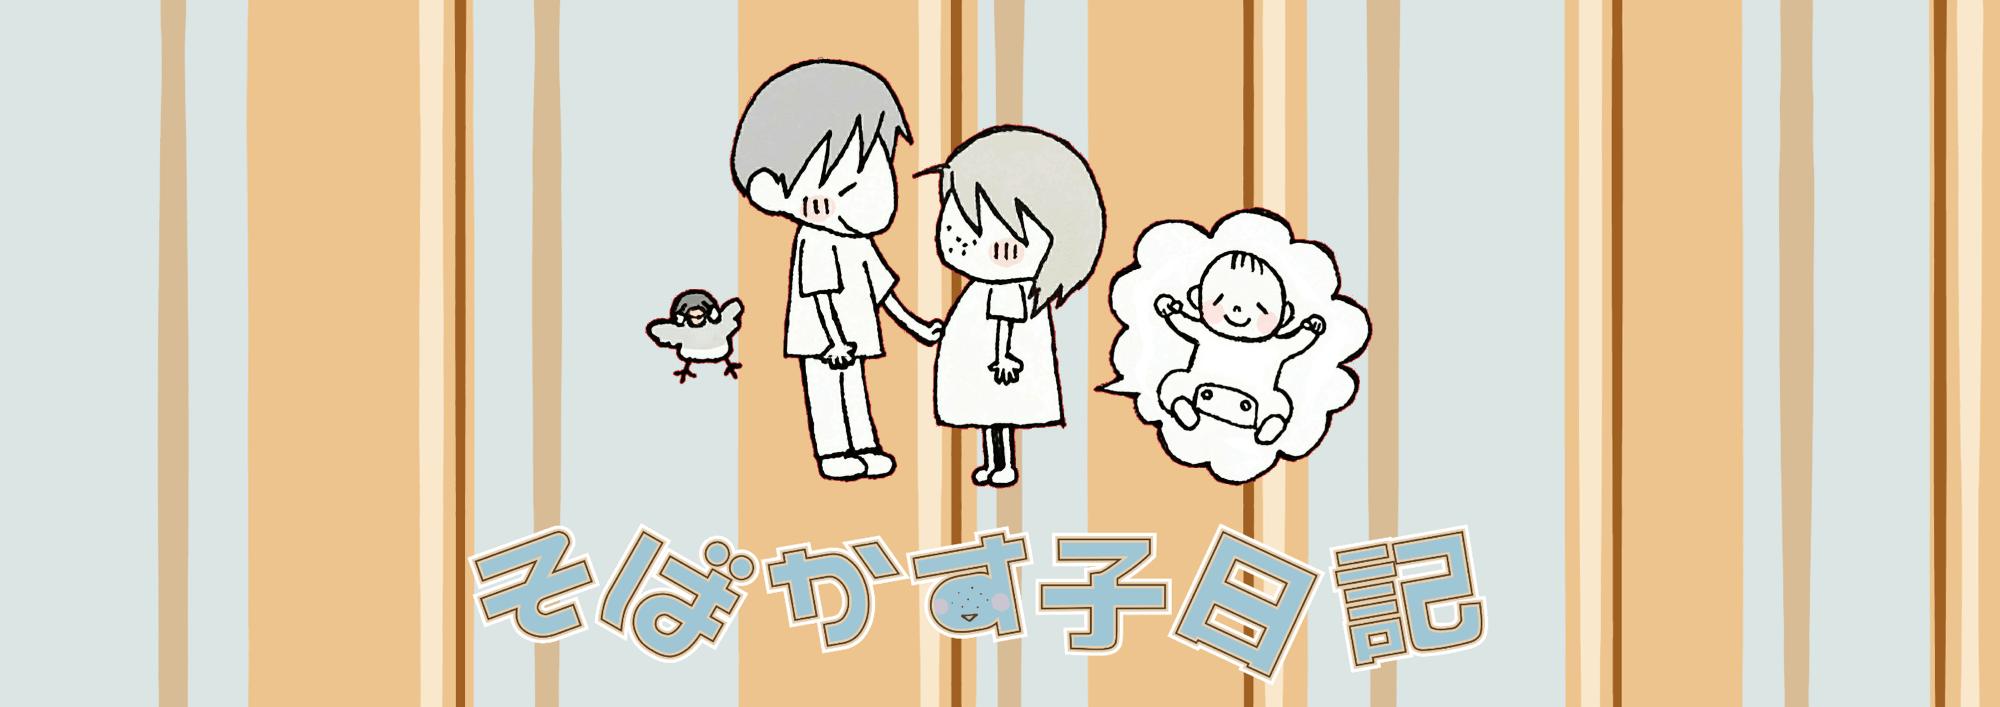 結婚相談所 そばかす子日記